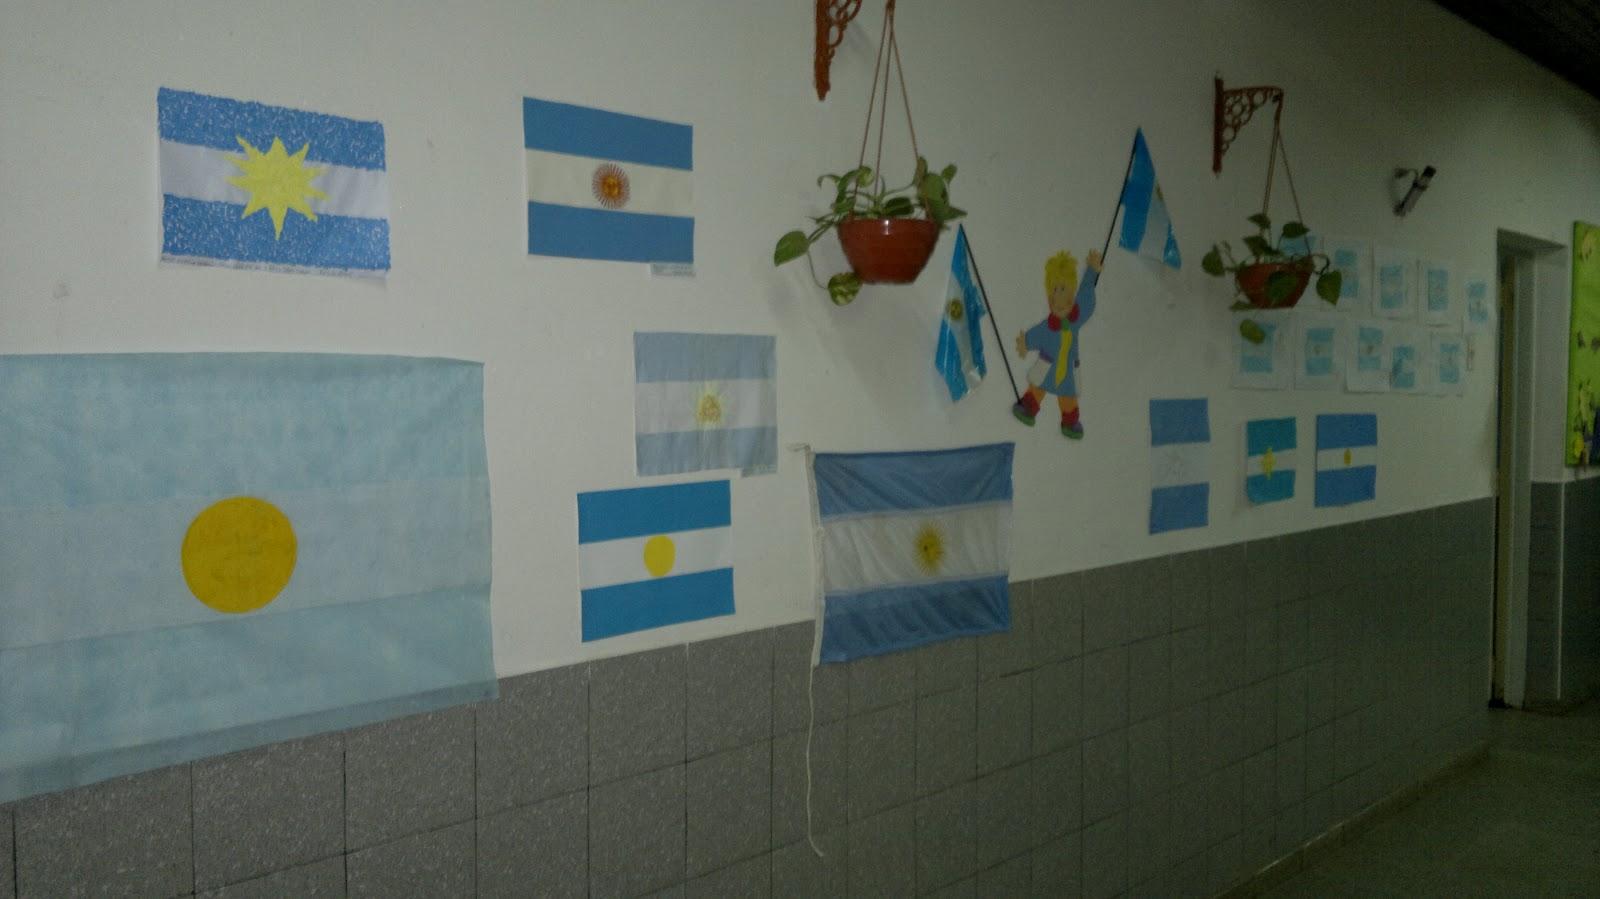 Palabras Para Acto Dia De La Bandera En Jardin De Infantes   MEJOR